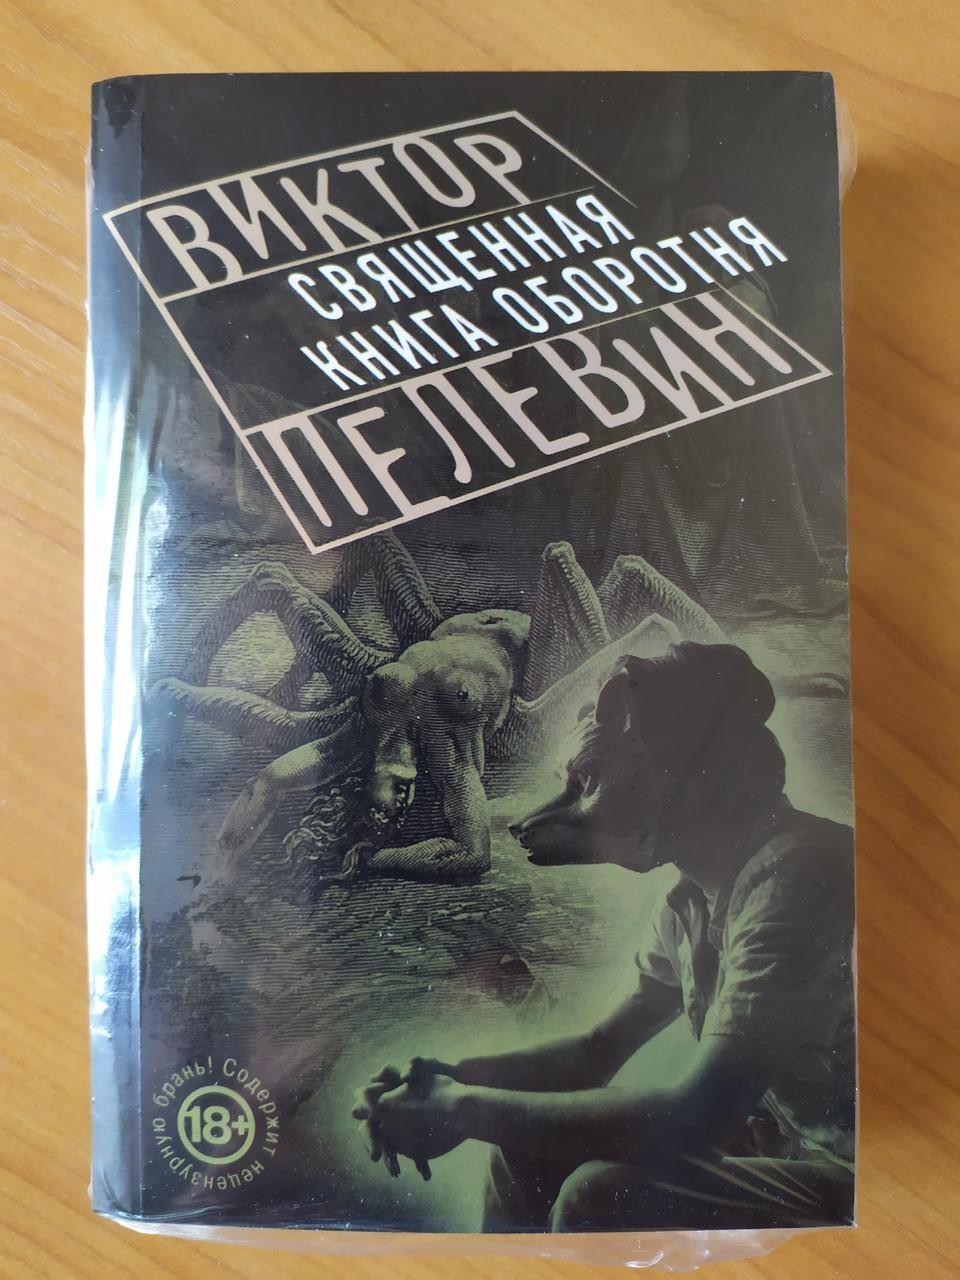 Виктор Пелевин. Священная книга оборотня